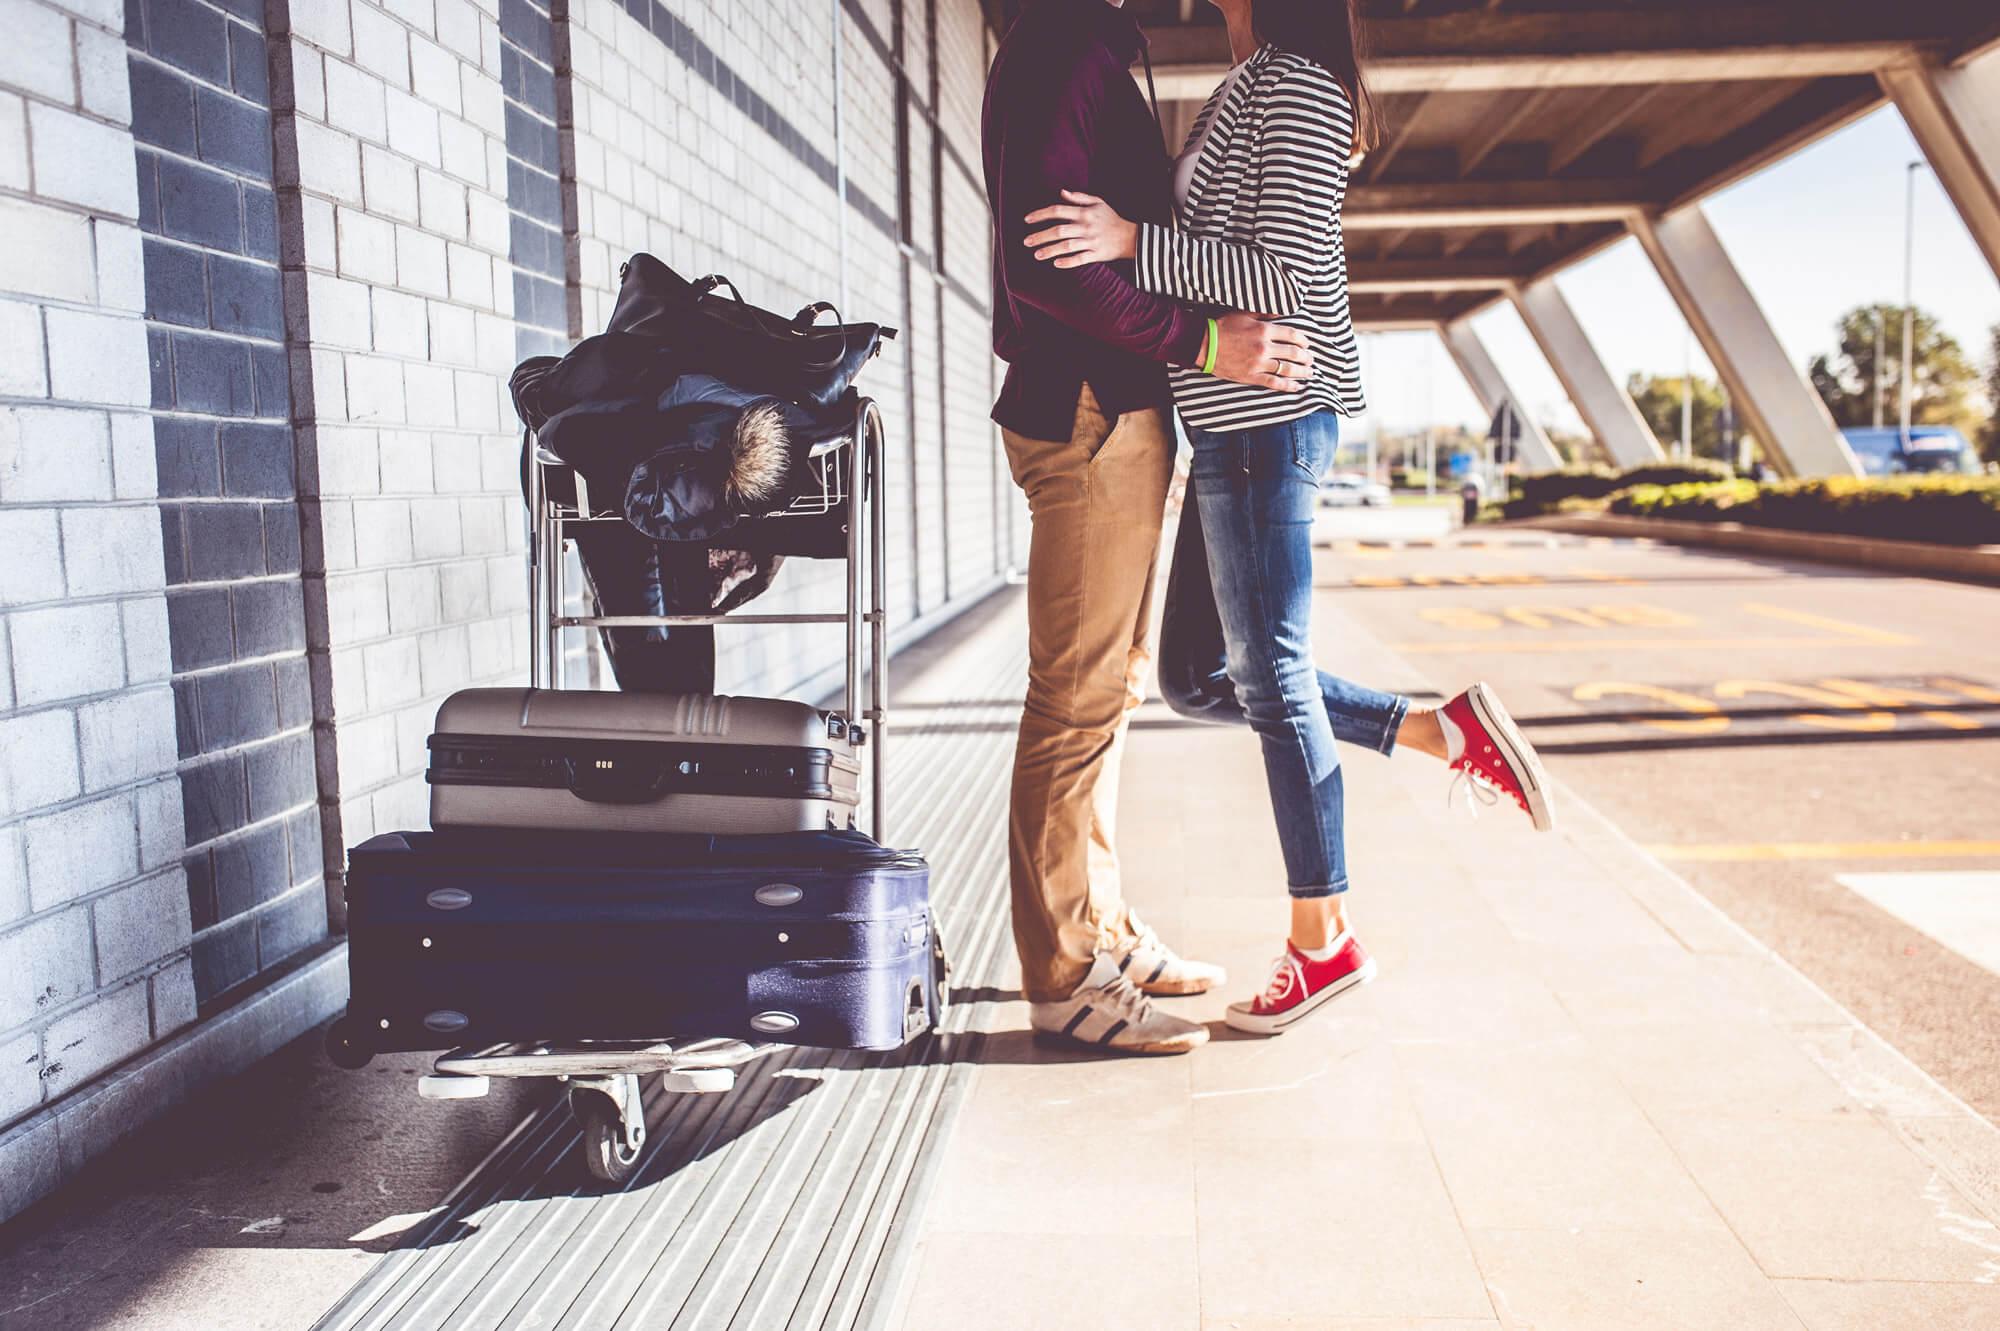 Couple avec chariot rempli de valises en train de s'embrasser sur le quai de la gare avant de partir pour un voyage surprise